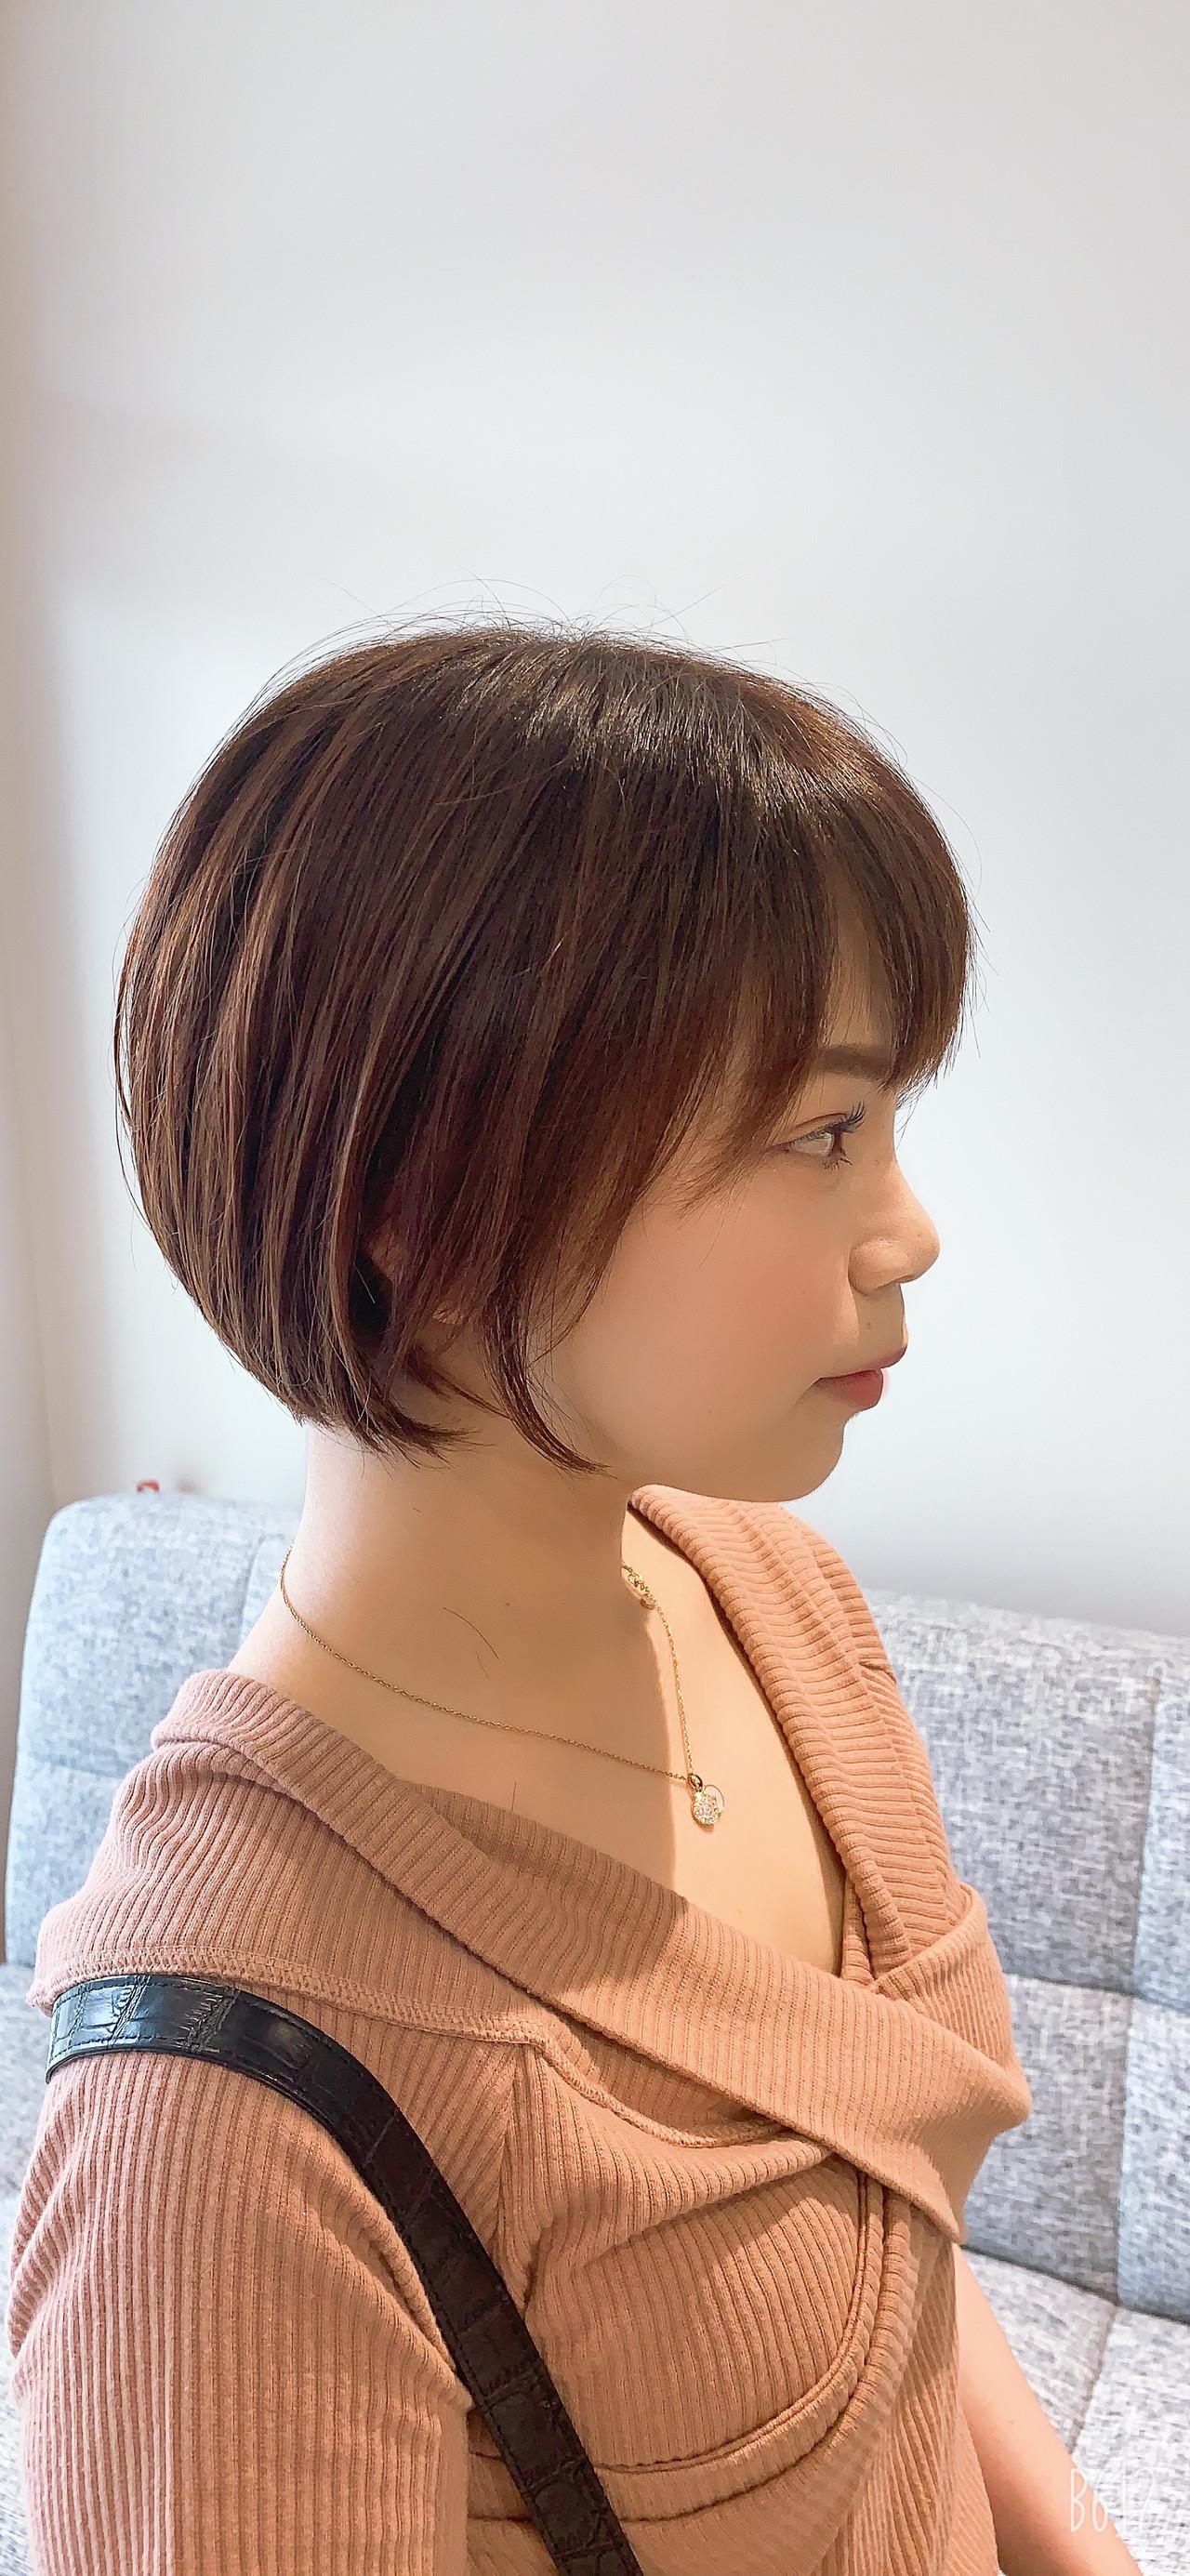 ショートヘア ショートボブ ミニボブ ショート ヘアスタイルや髪型の写真・画像